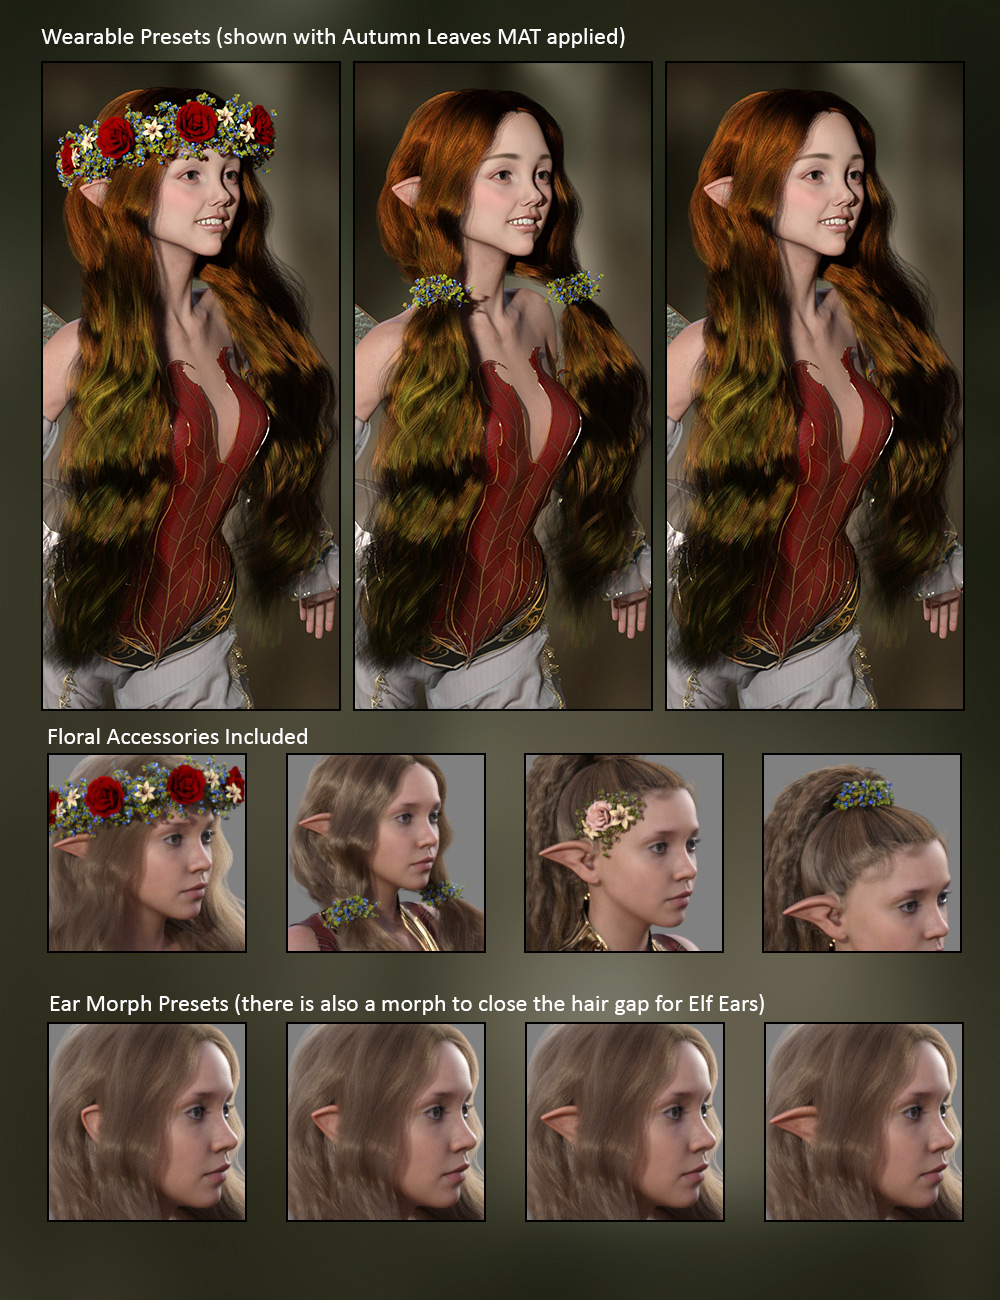 Elf Morph For Ears/Hair